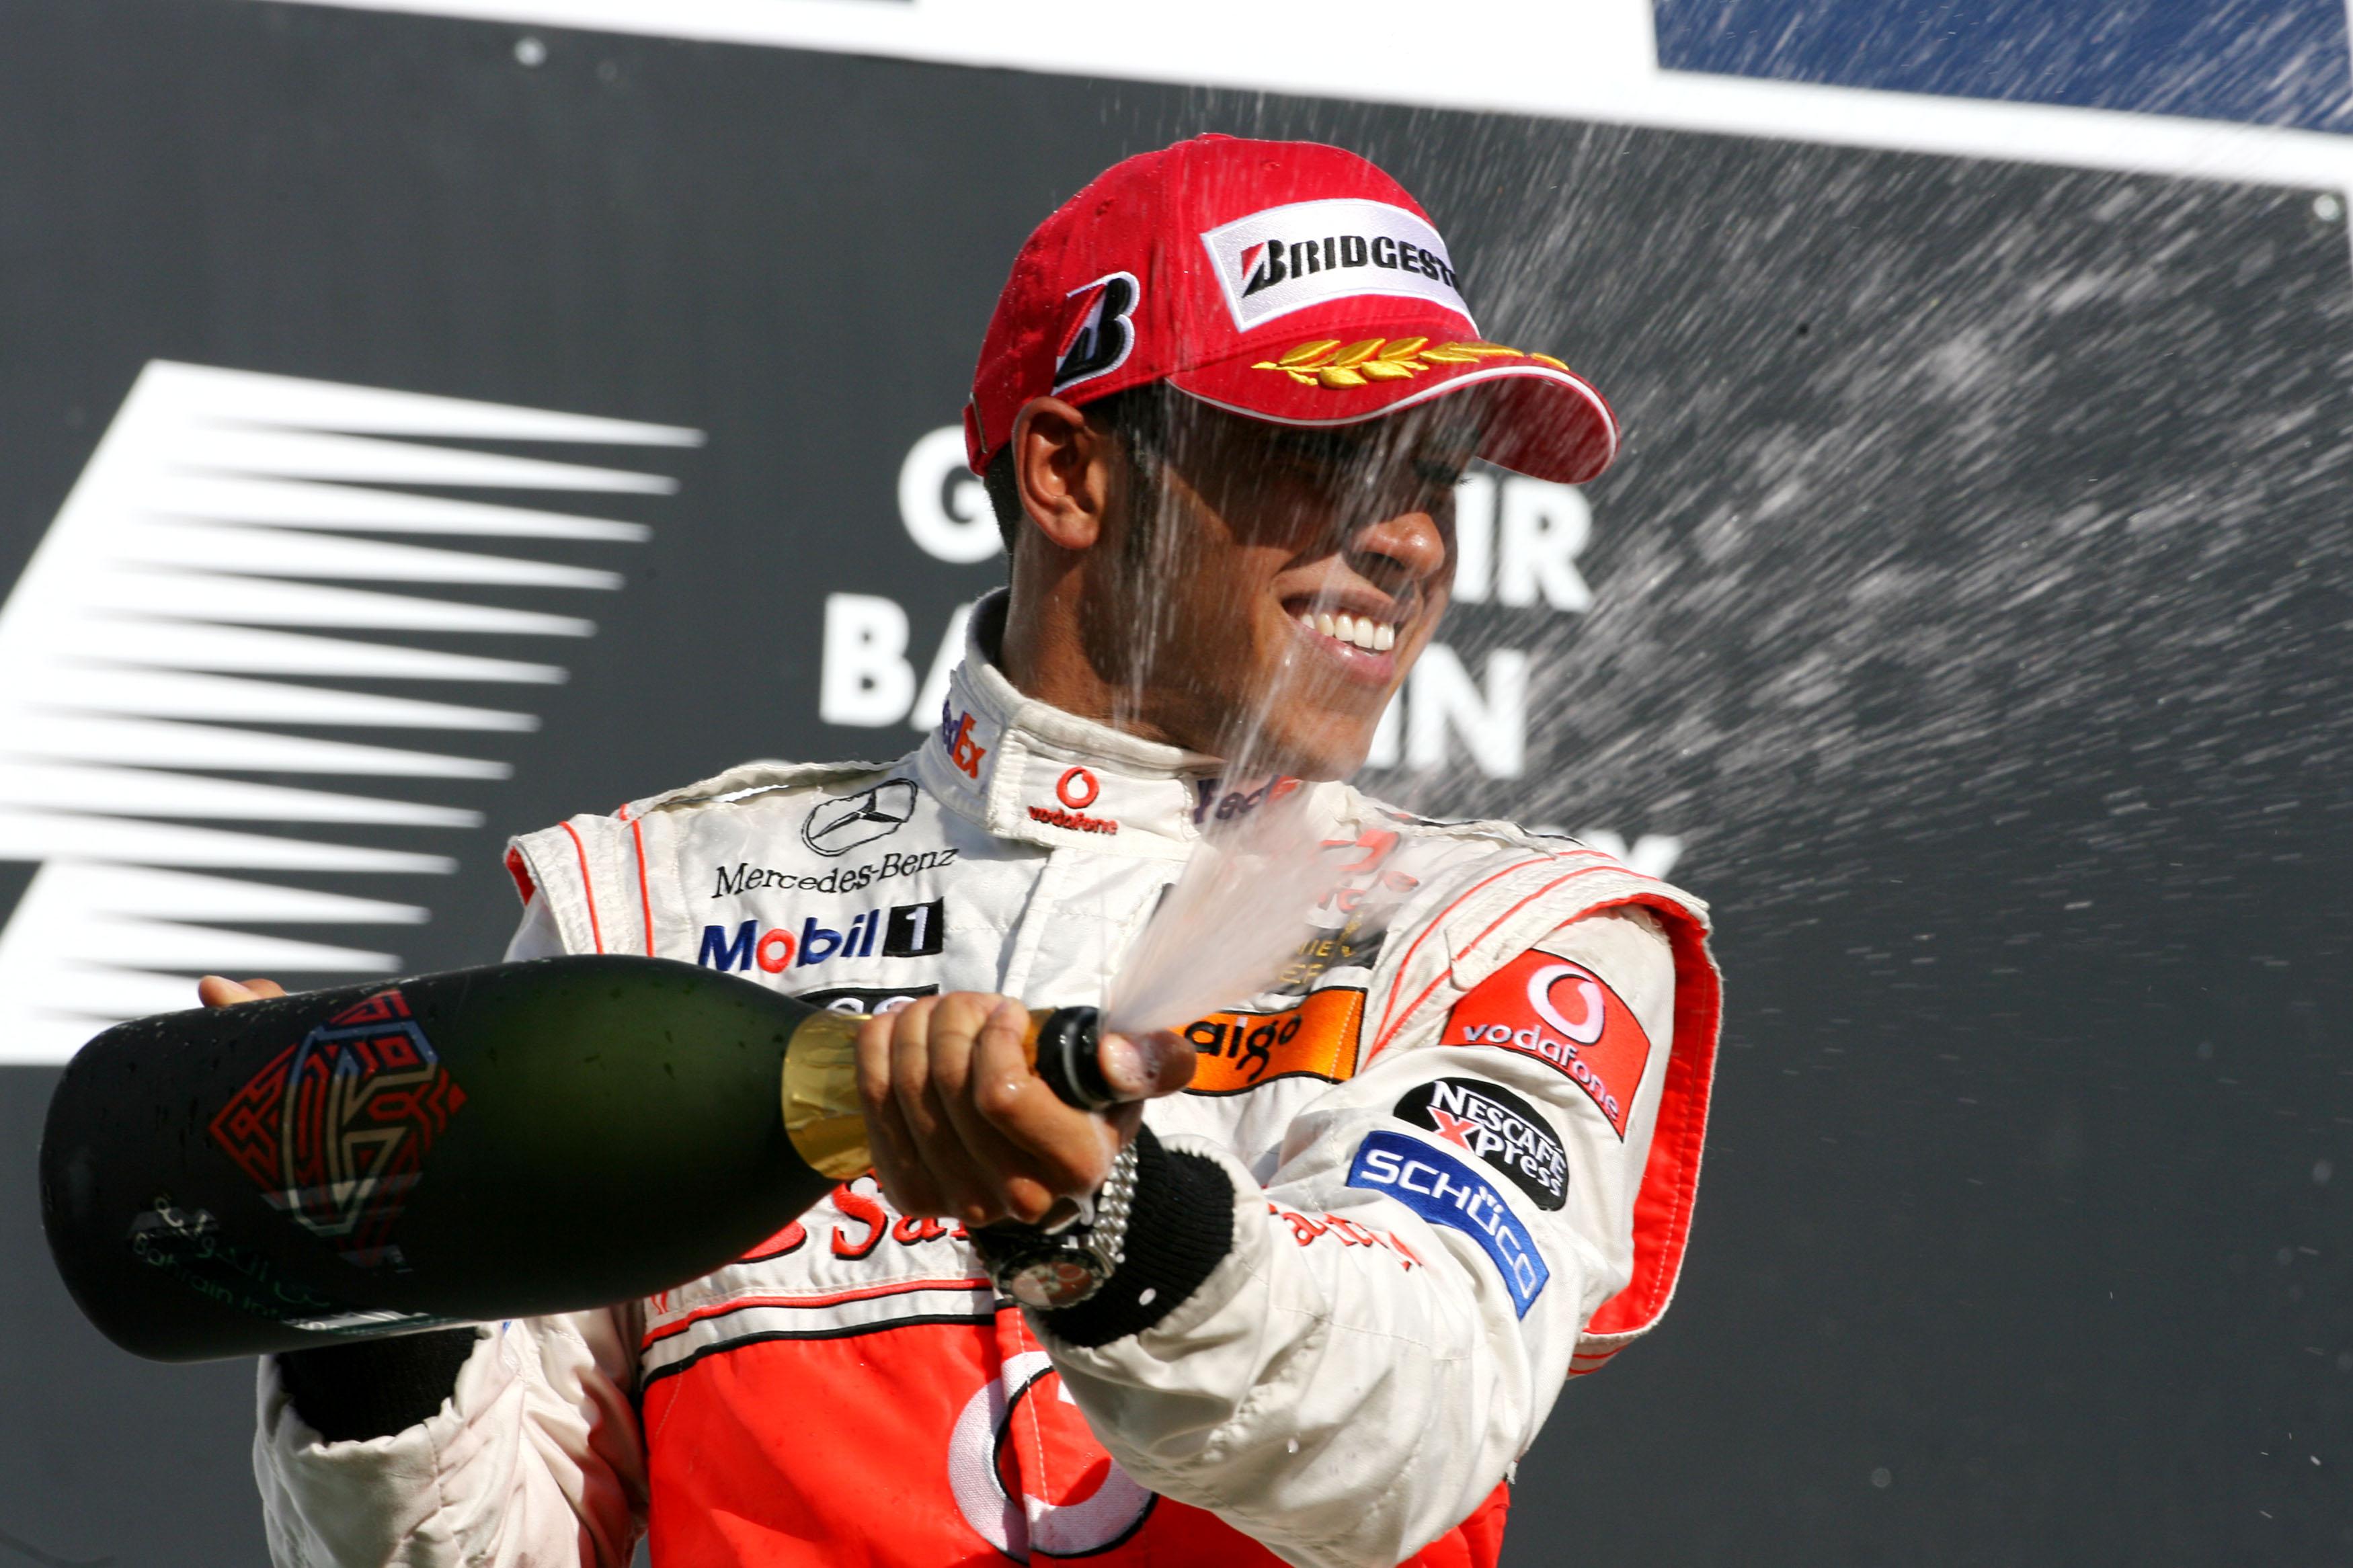 Lewis Hamilton podium 2007